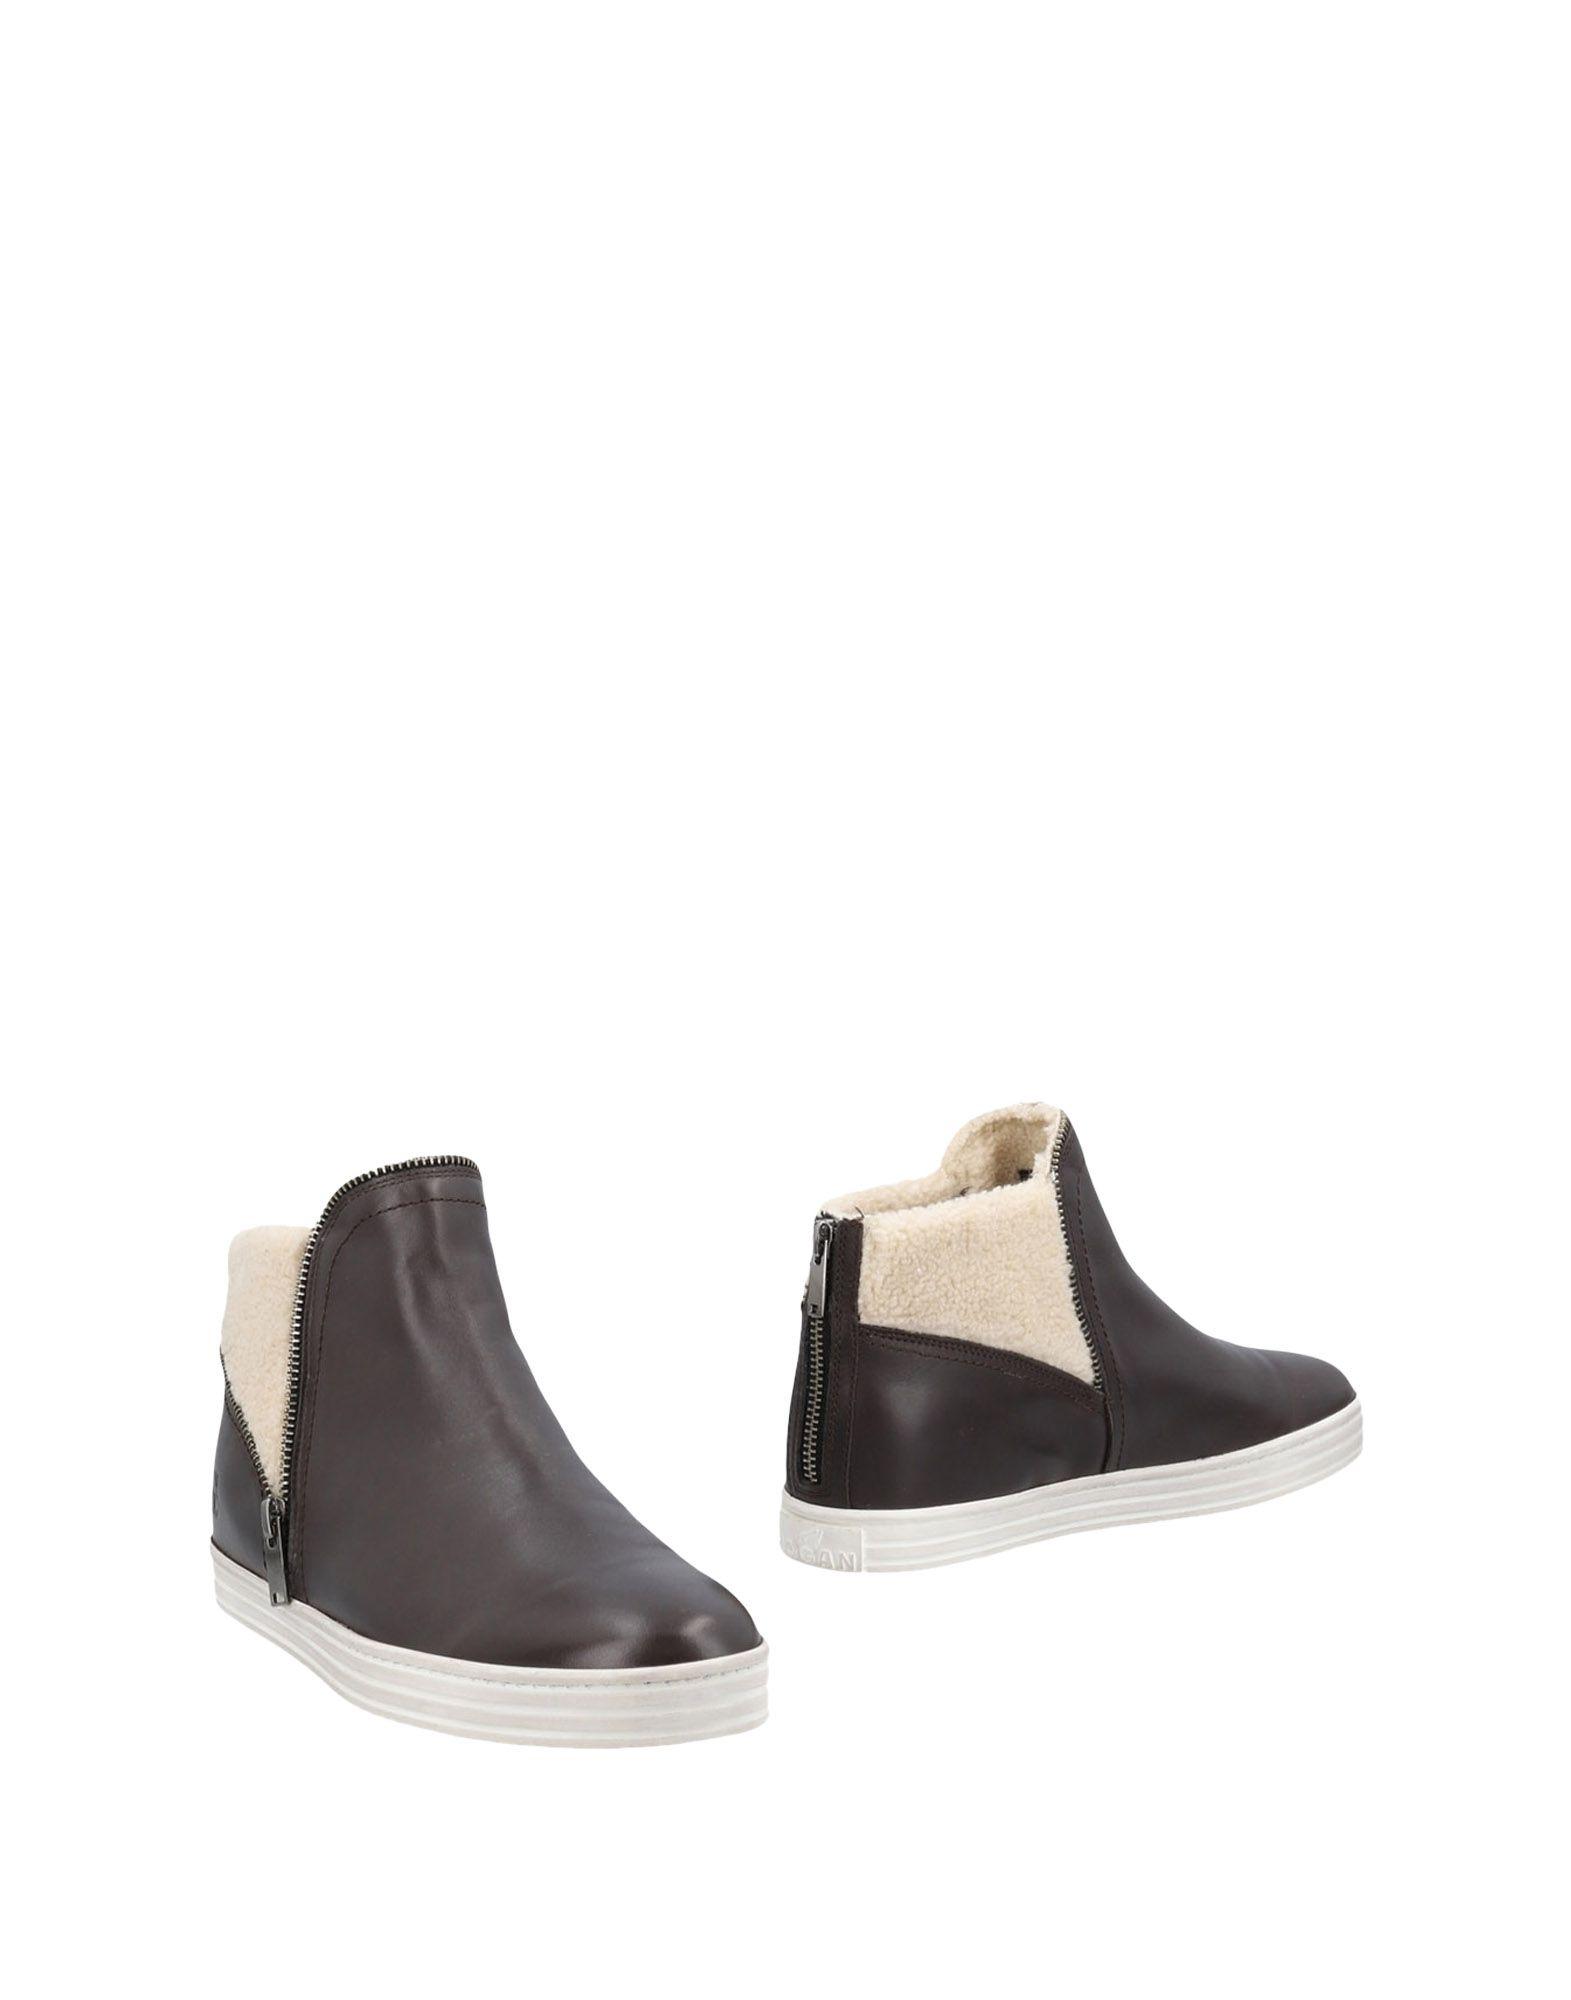 HOGAN REBEL Ankle Boot in Dark Brown